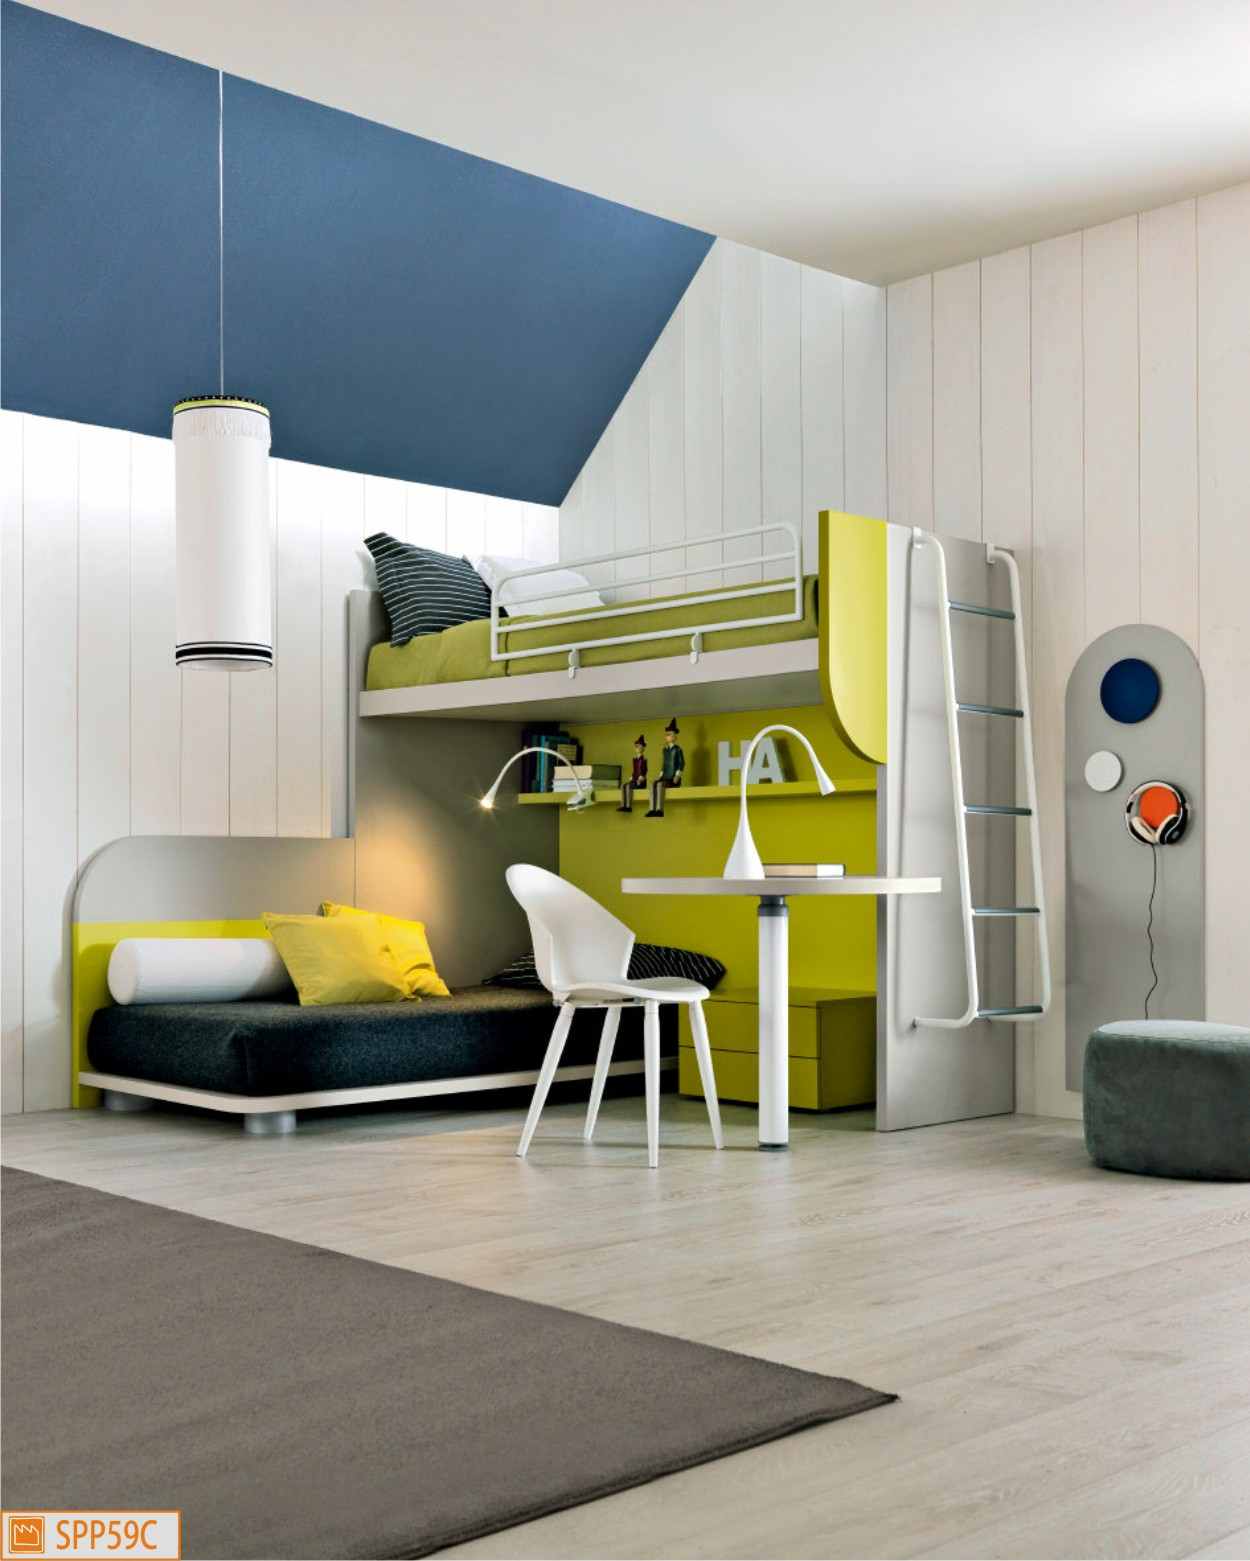 Moderno soppalco ad angolo aramis for Camere x ragazzi offerte